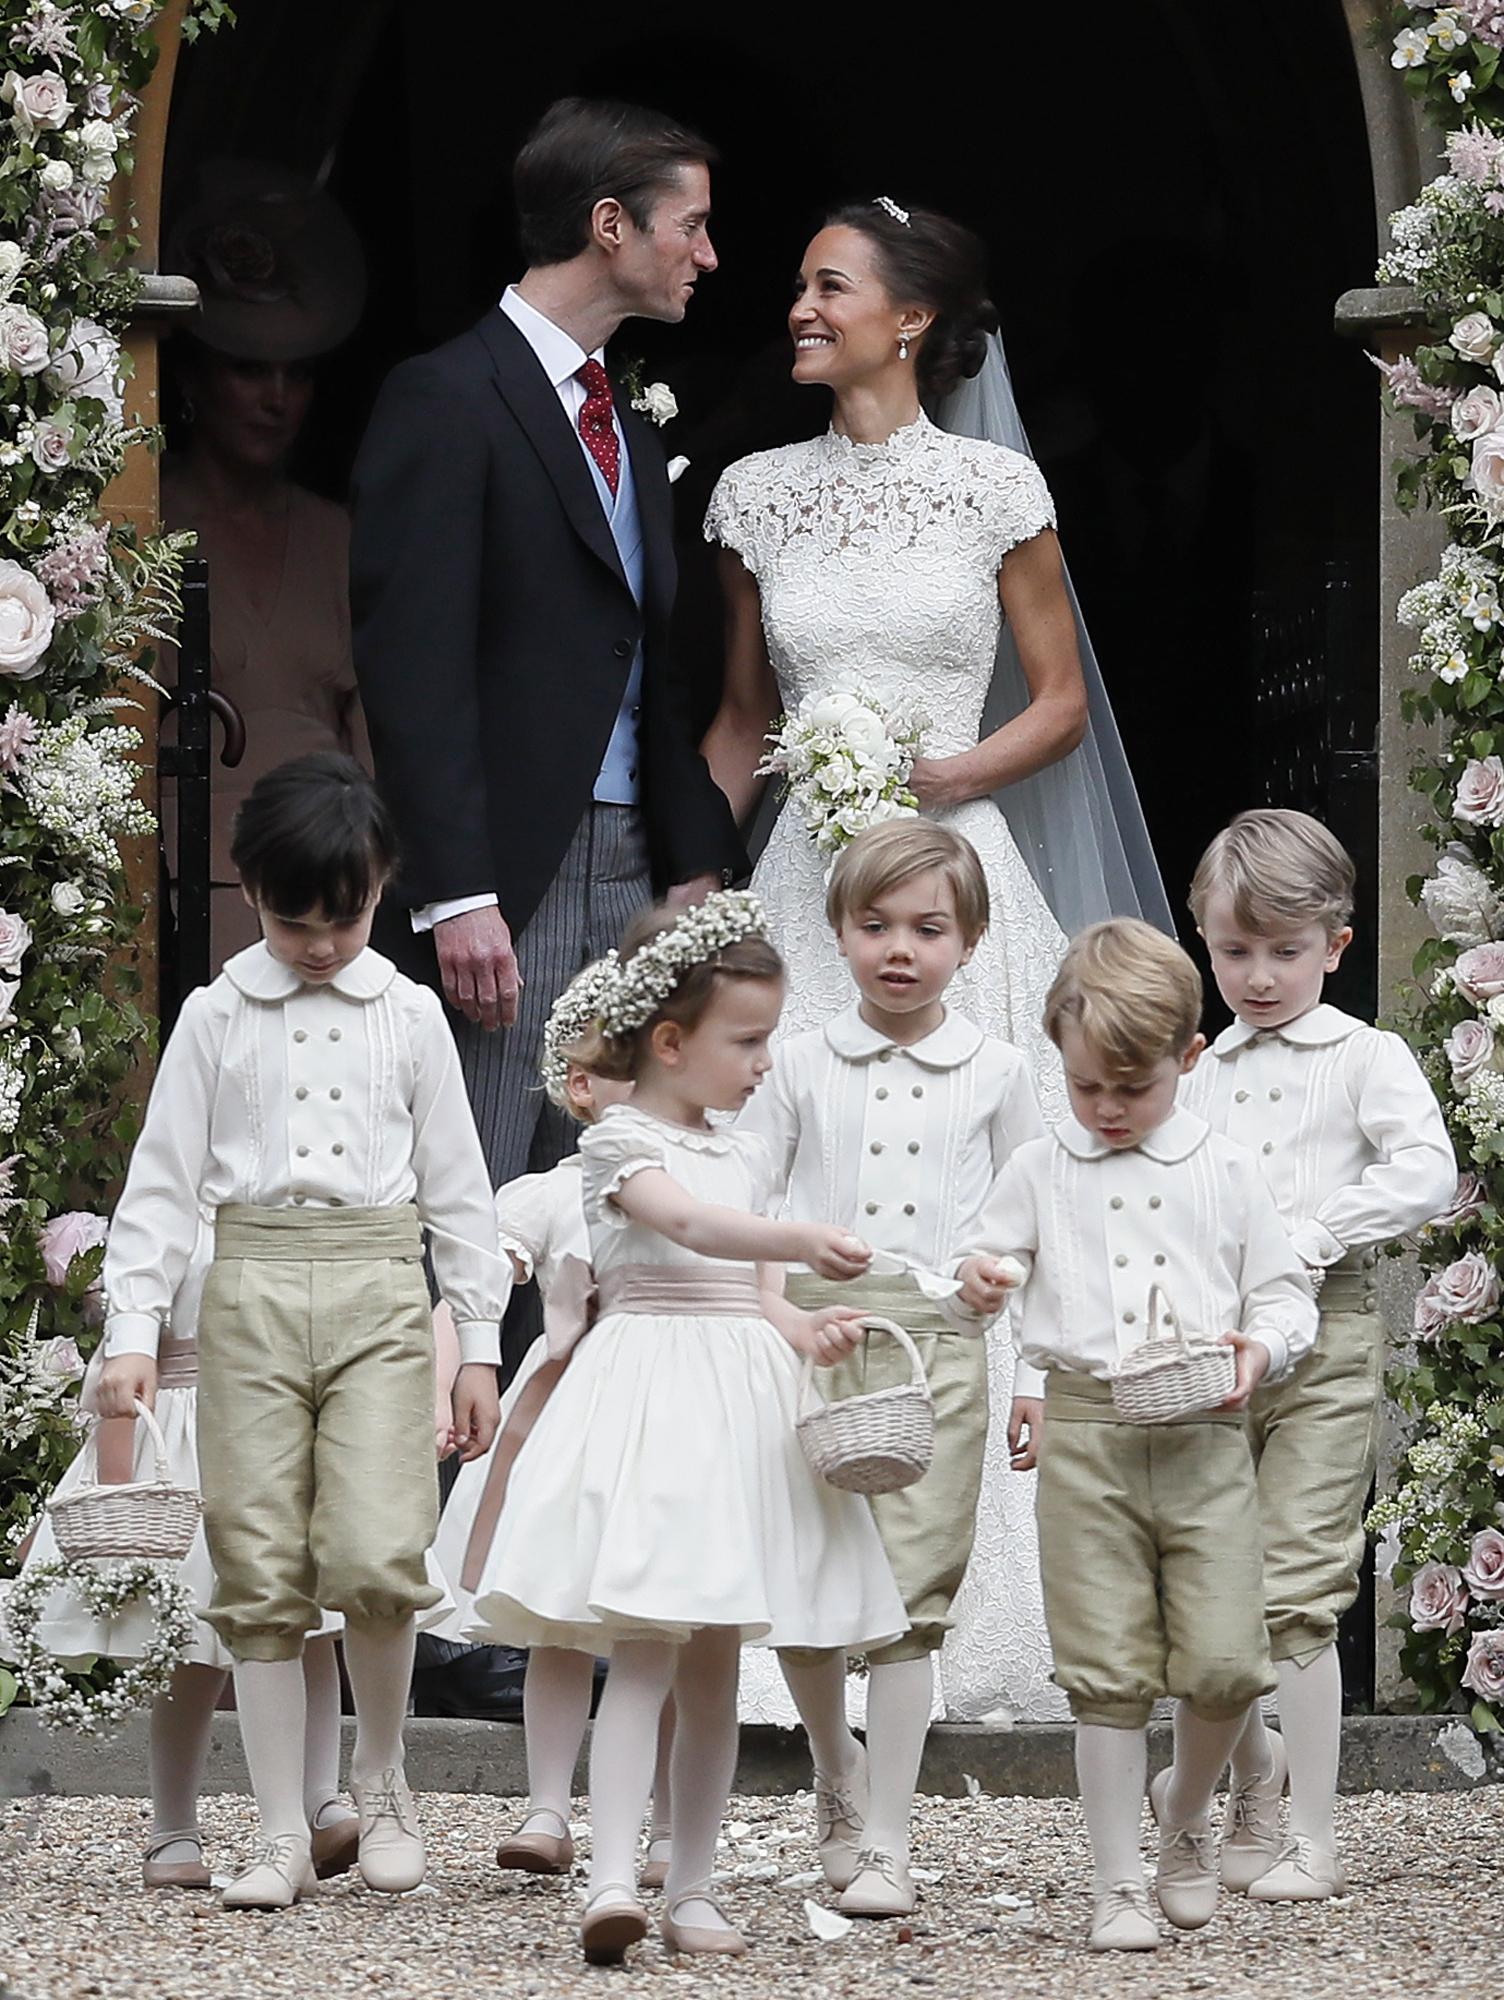 Pippa Middleton and James Matthews wedding day